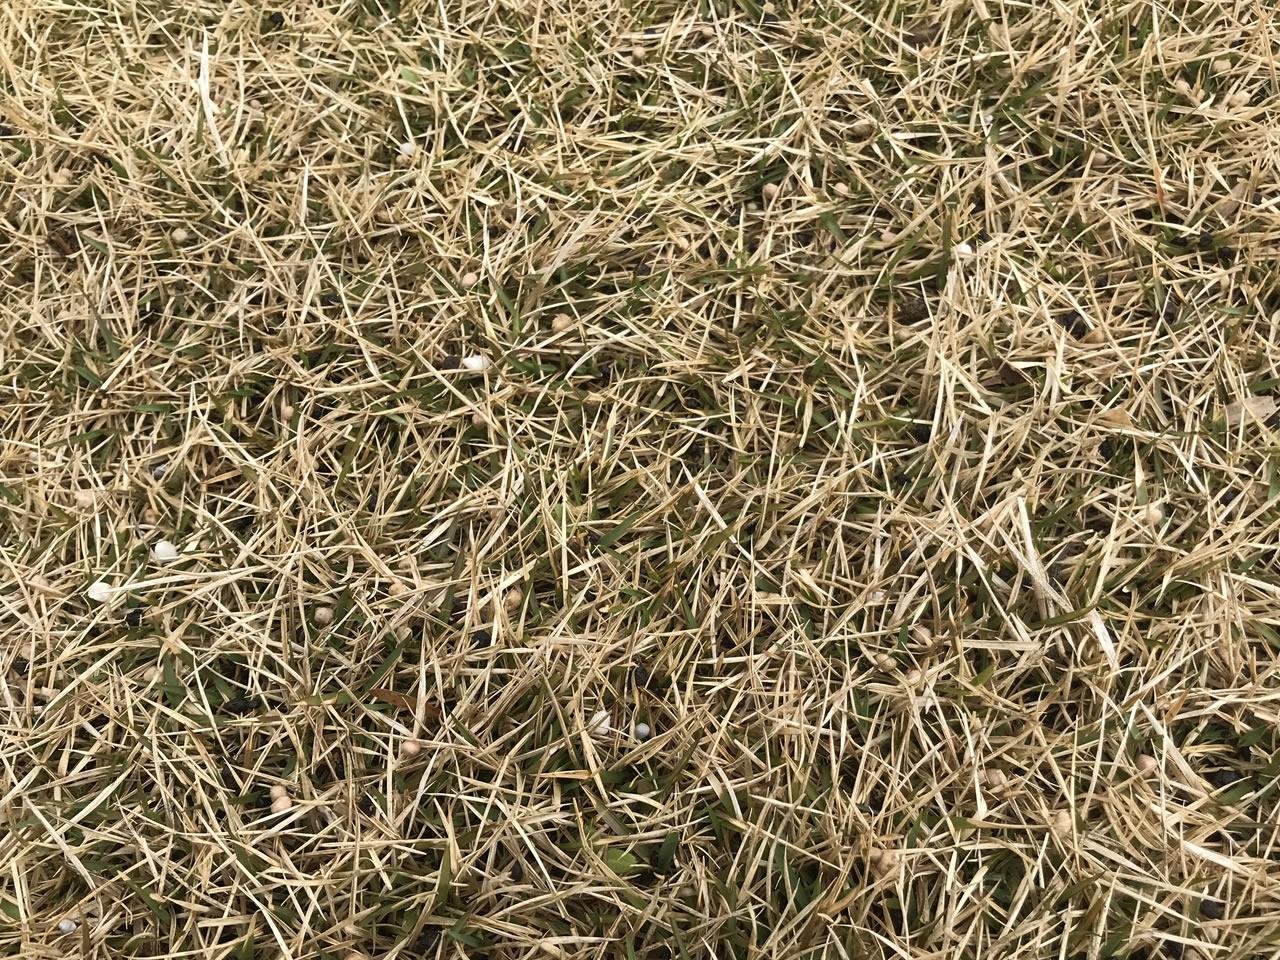 芝生のアップ・肥料散布後